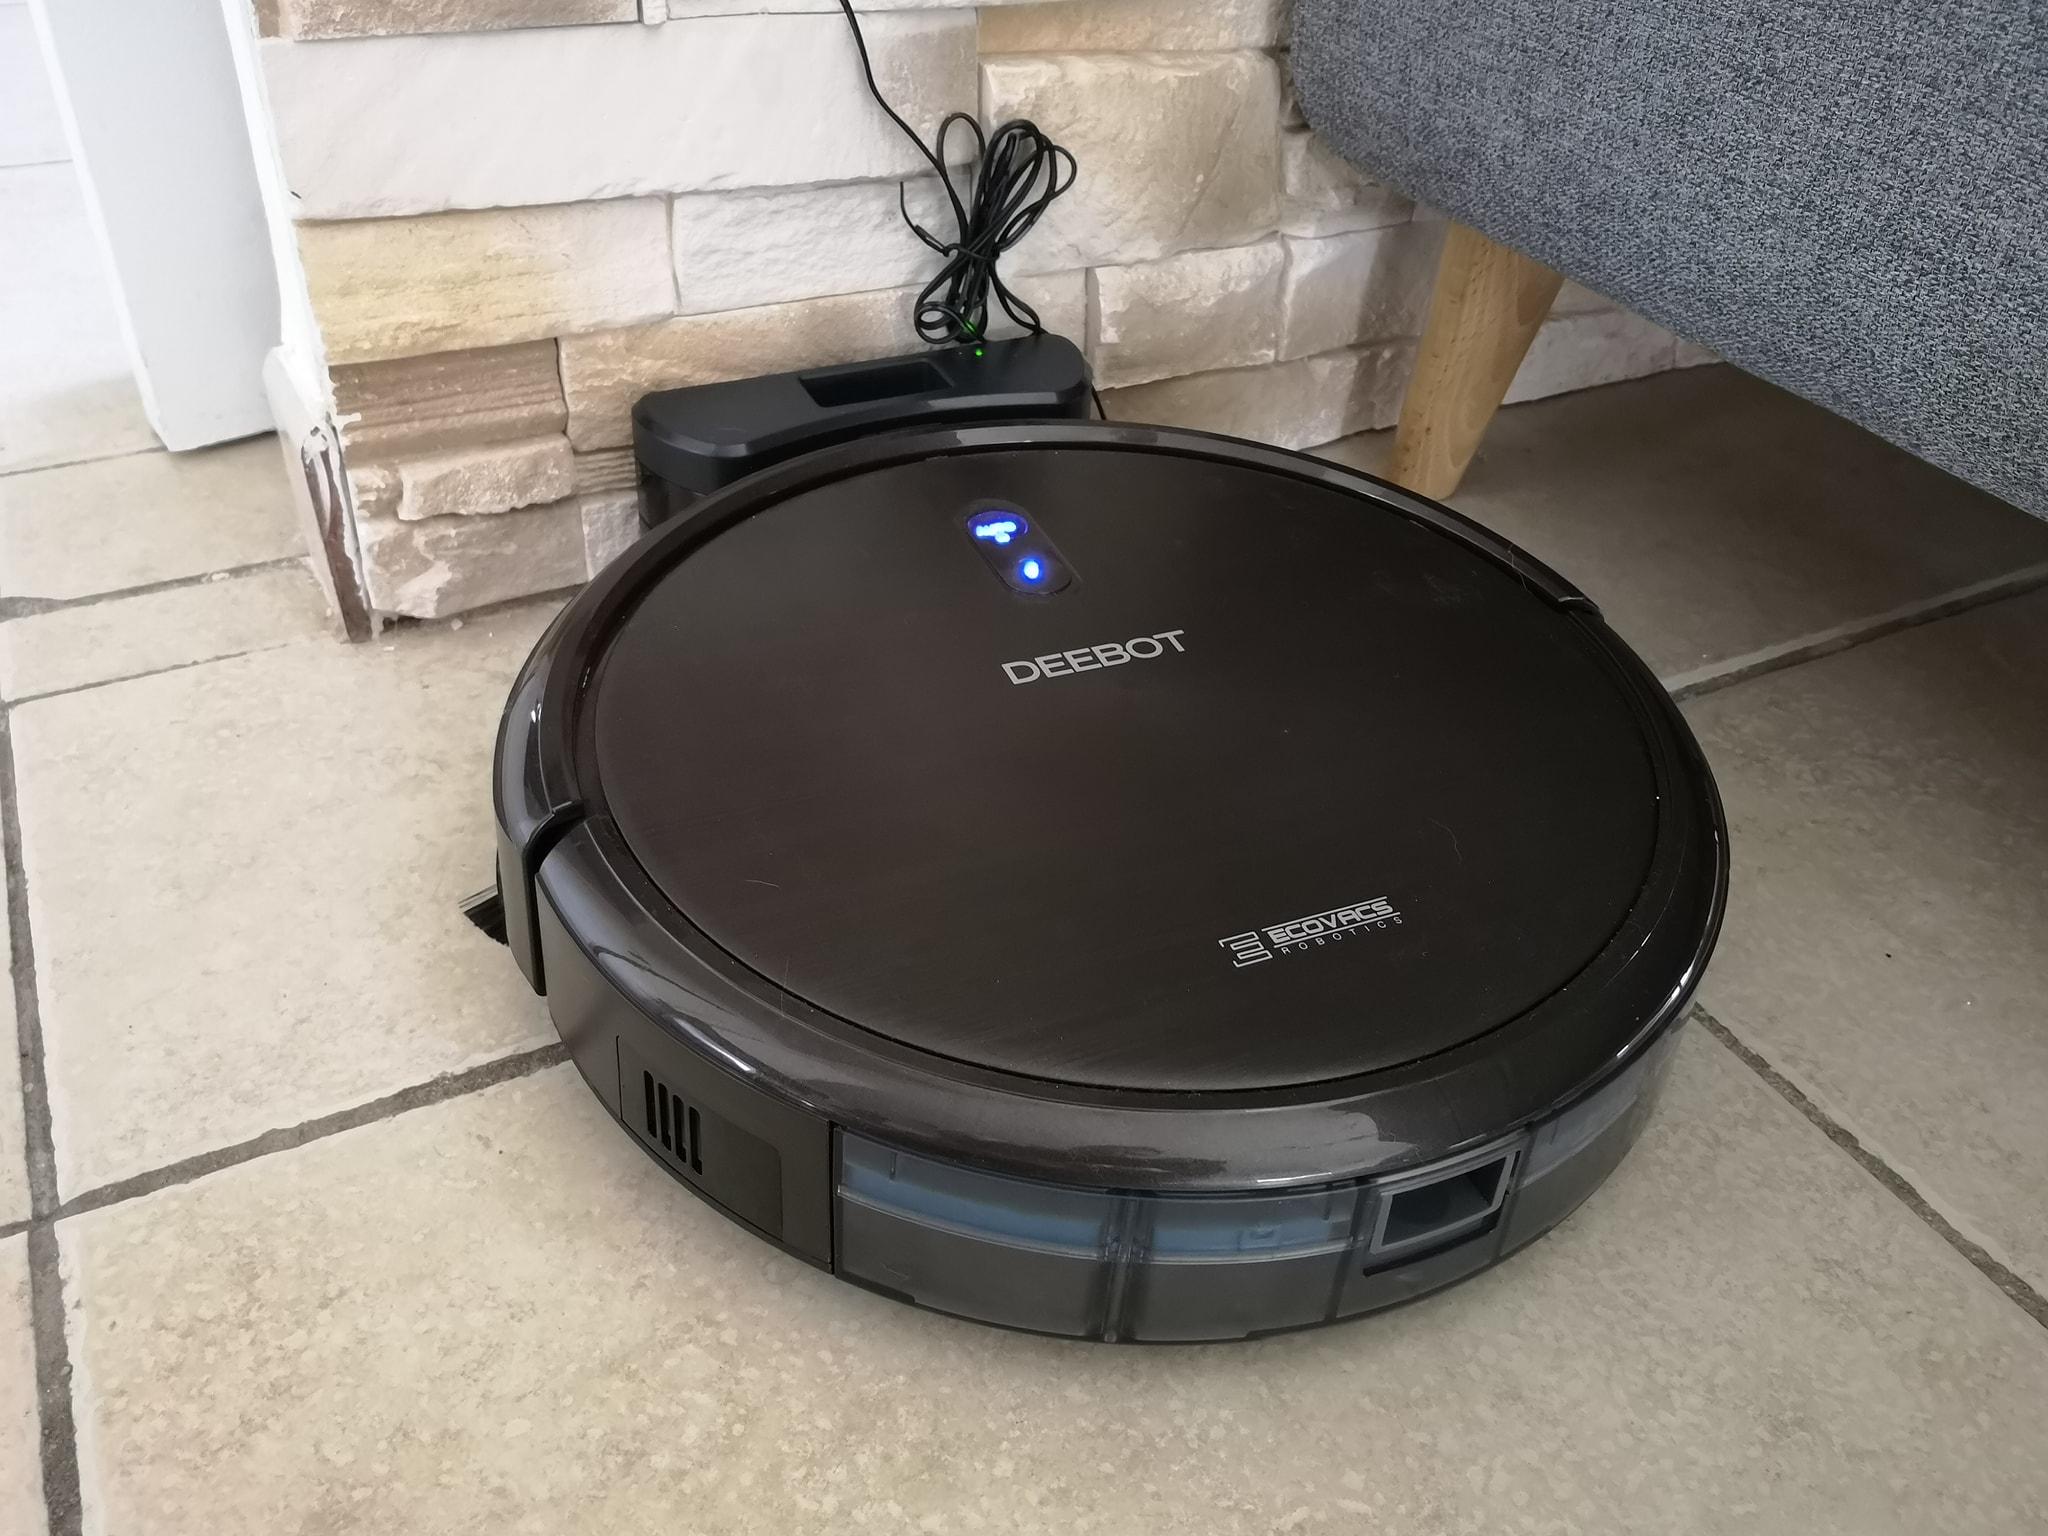 Profiter d'un nettoyage intelligent avec le robot aspirateur Deboot N79S